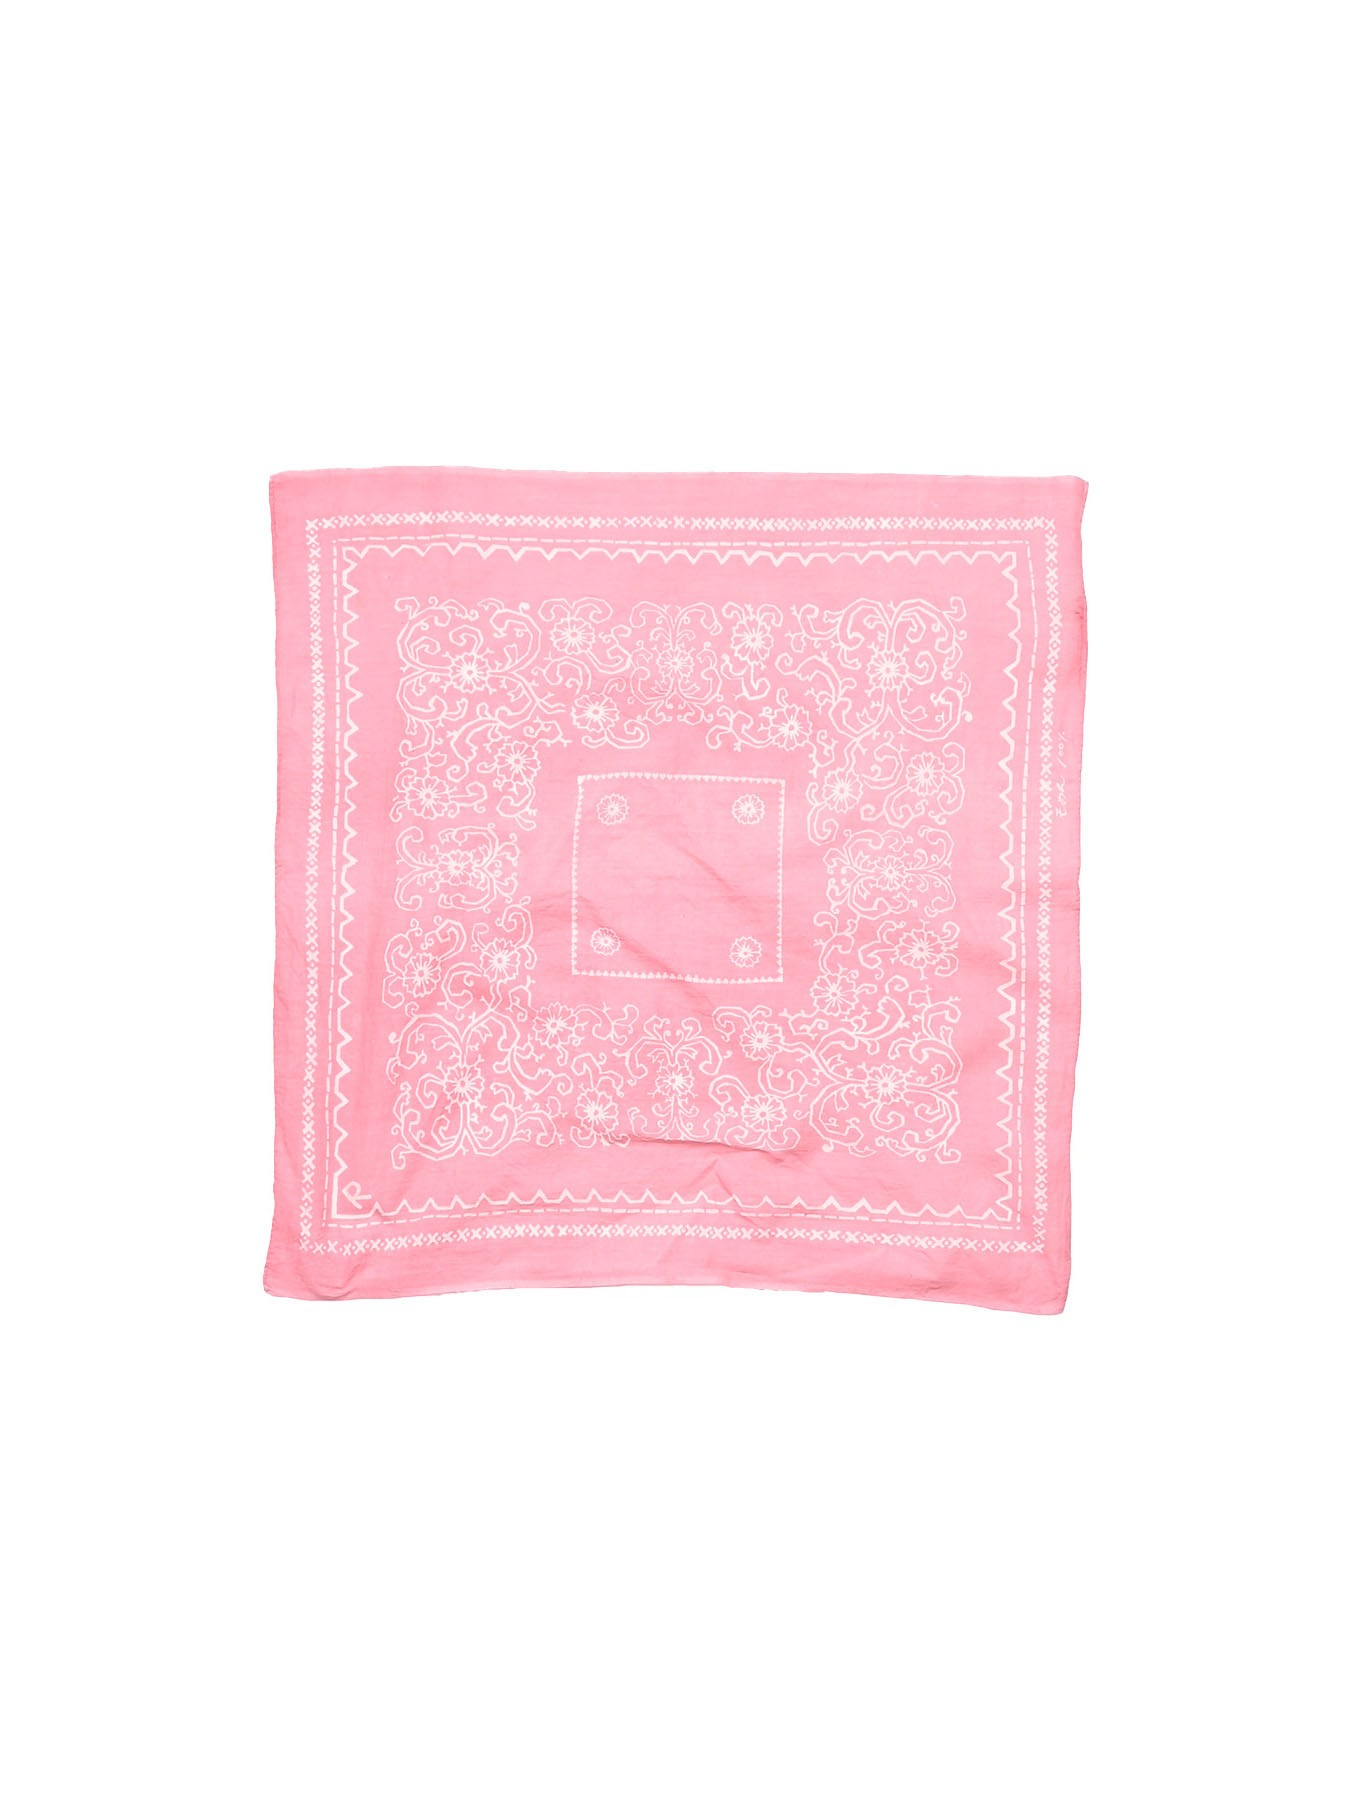 41 - Kasure Pink